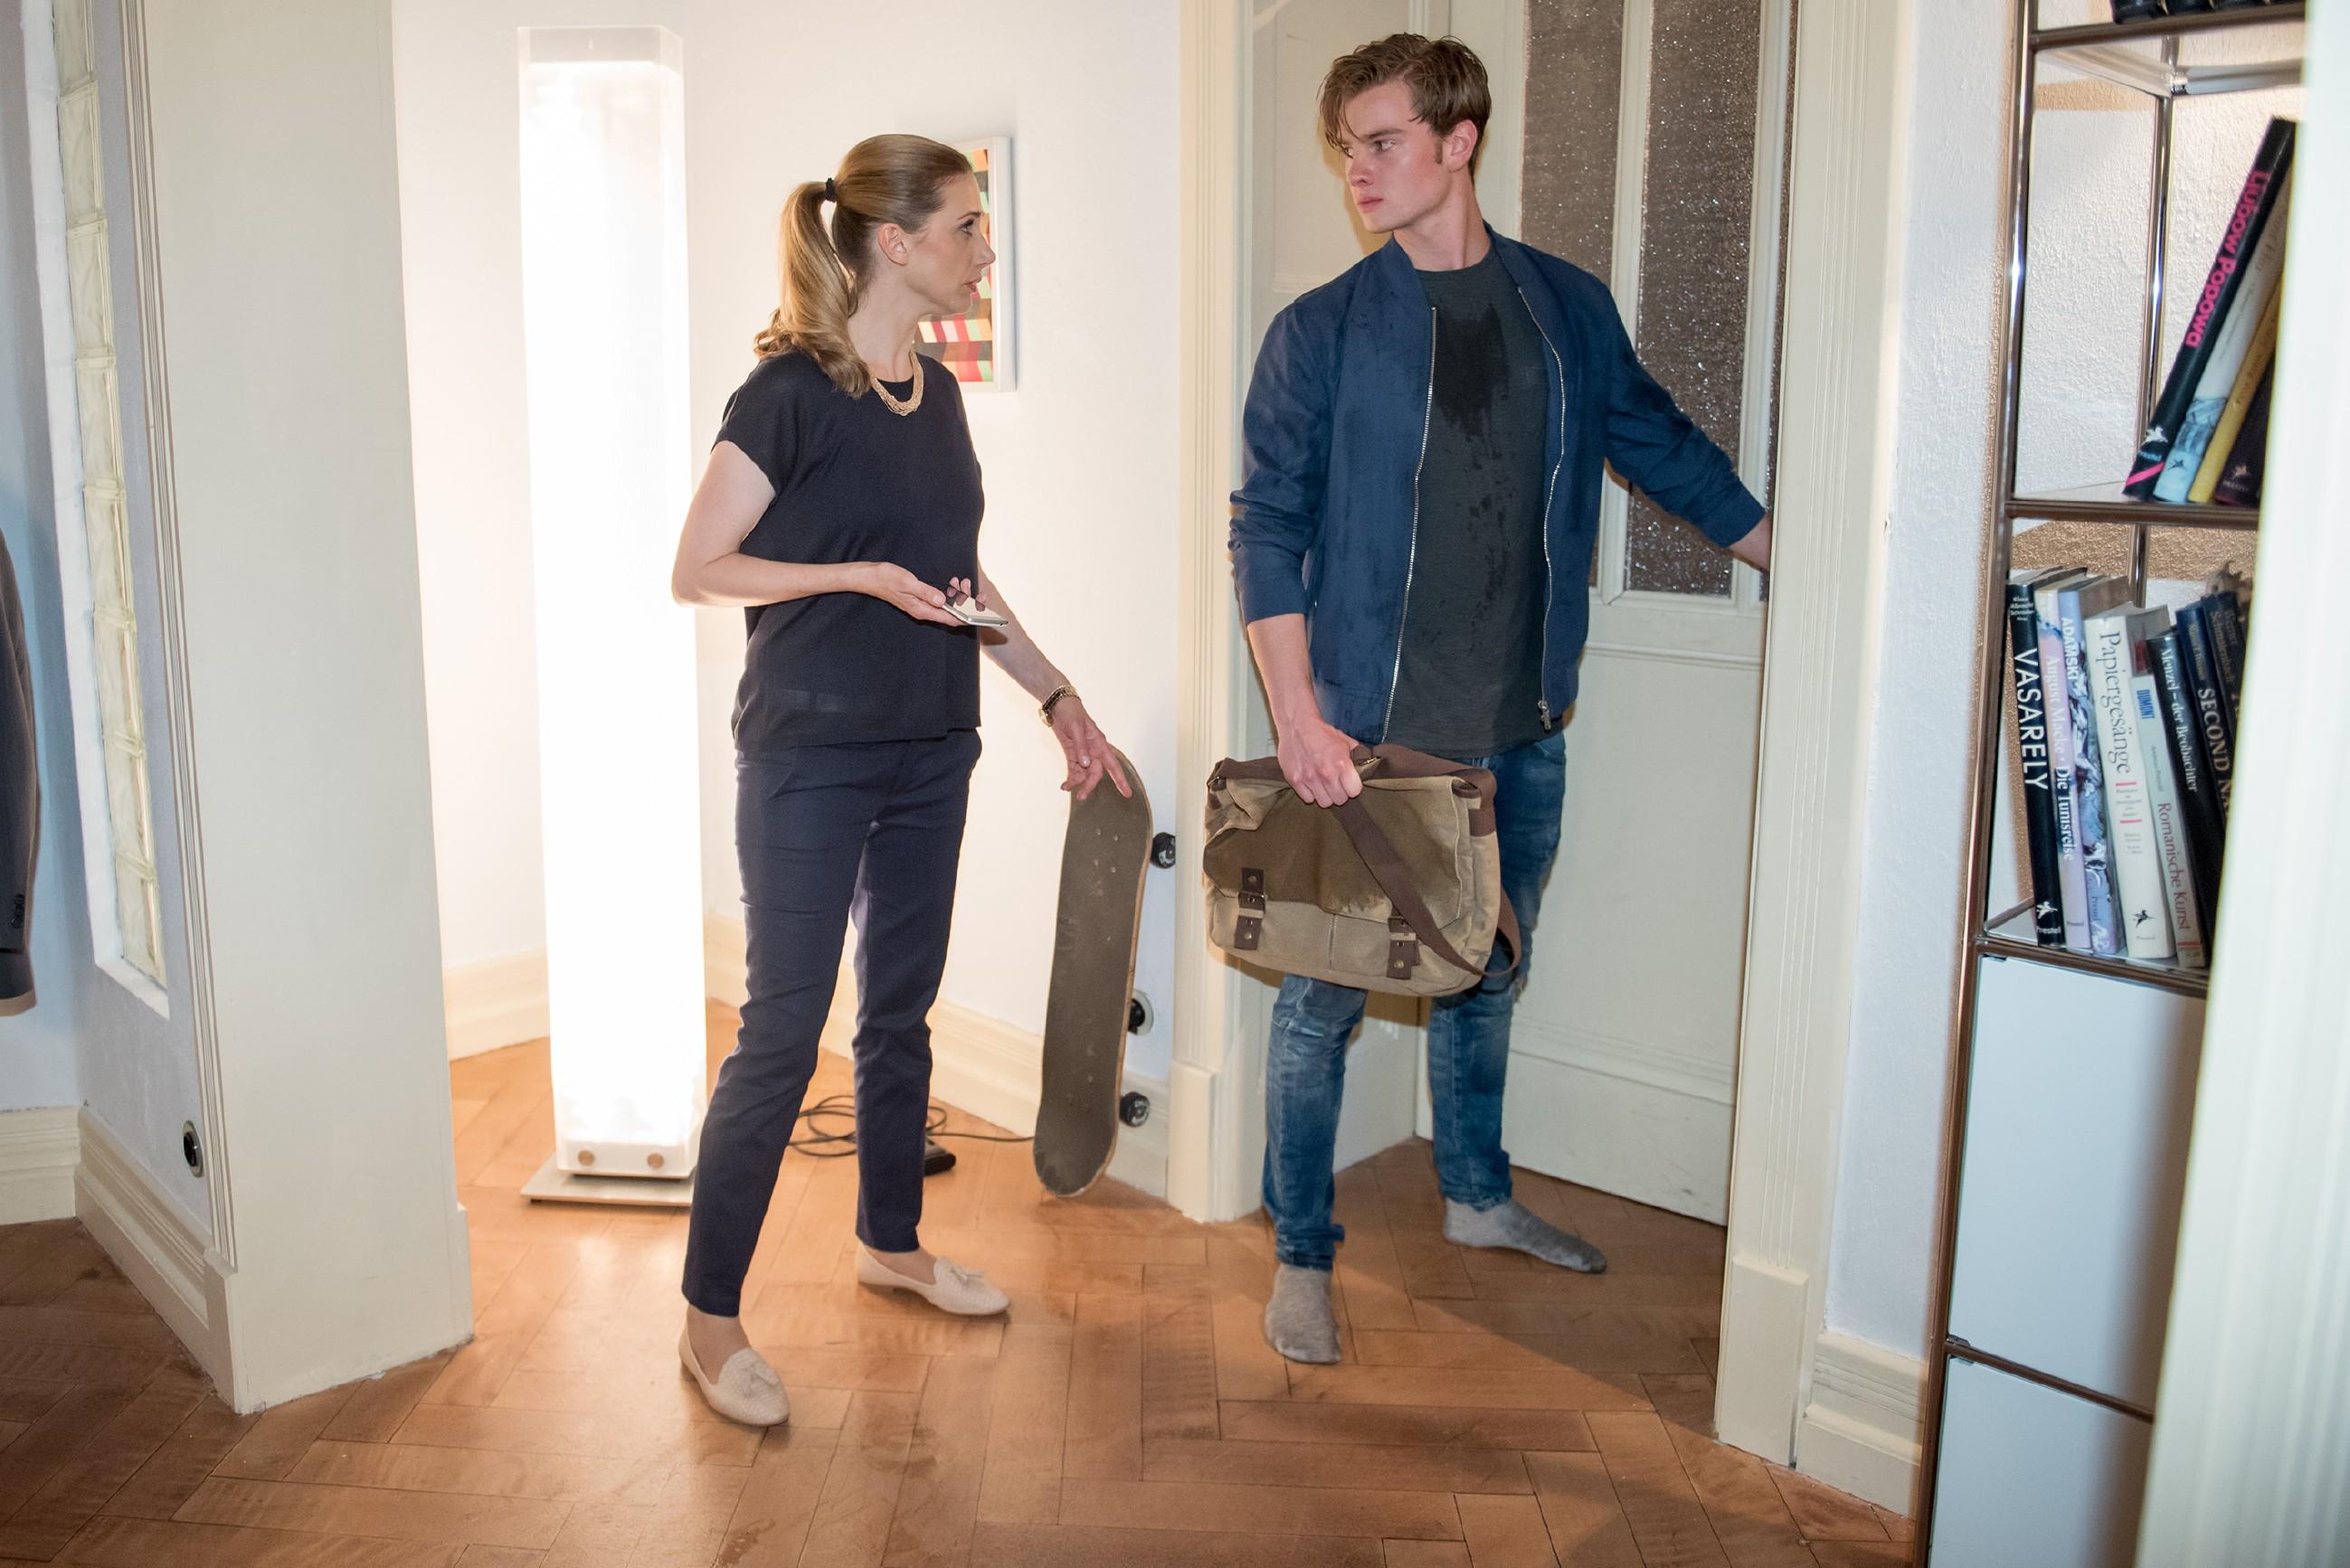 Valentin (Aaron Koszuta) weckt die Sorge seiner Mutter Andrea (Kristin Meyer), als er ohne Handy und Schuhe nach Hause kommt. (Foto: RTL / Stefan Behrens)